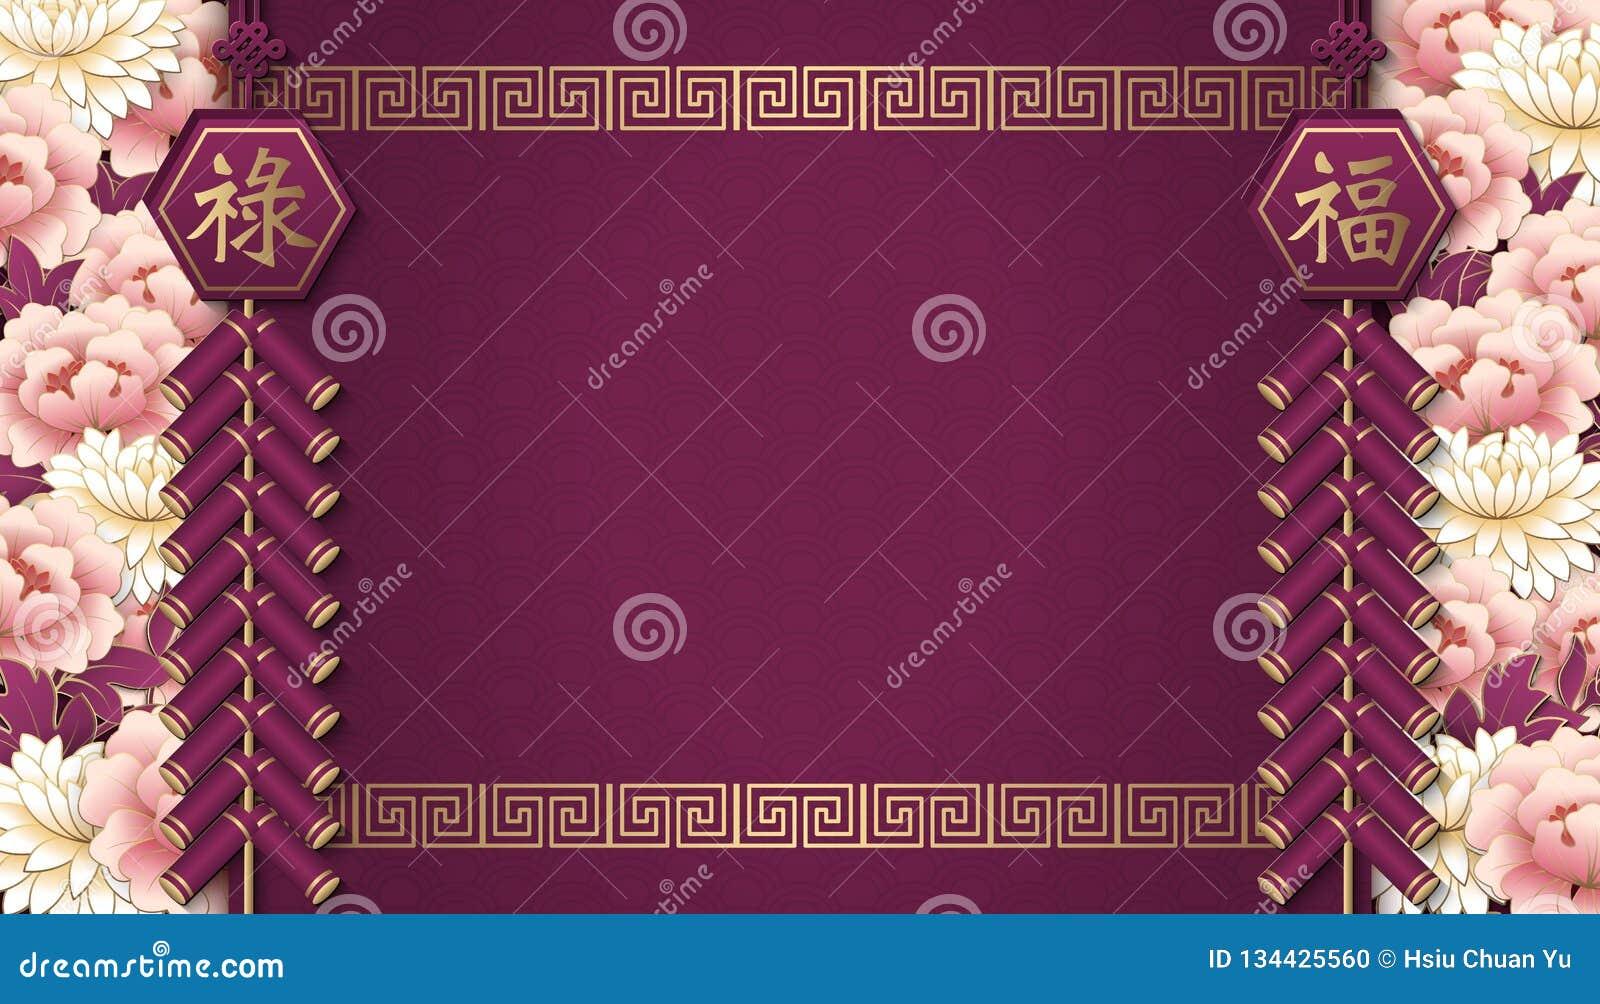 愉快的春节减速火箭的安心紫色牡丹花爆竹螺旋发怒格子框架边界